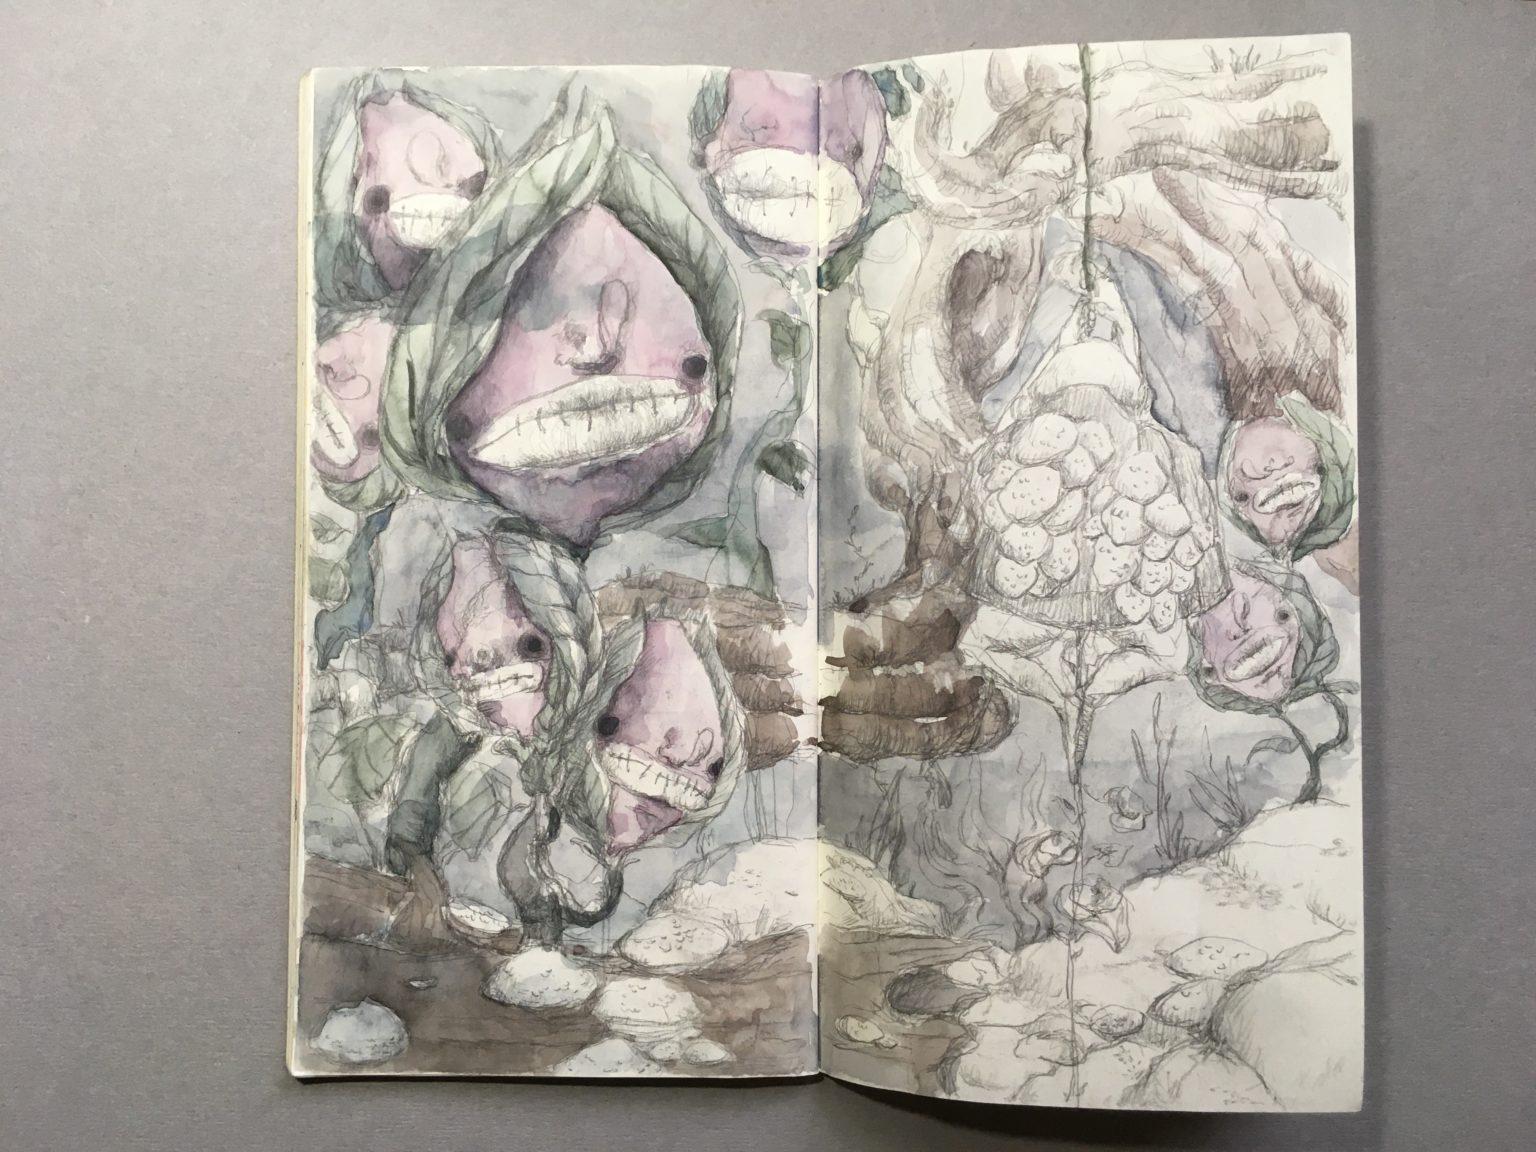 月昇山谷繪本內頁5